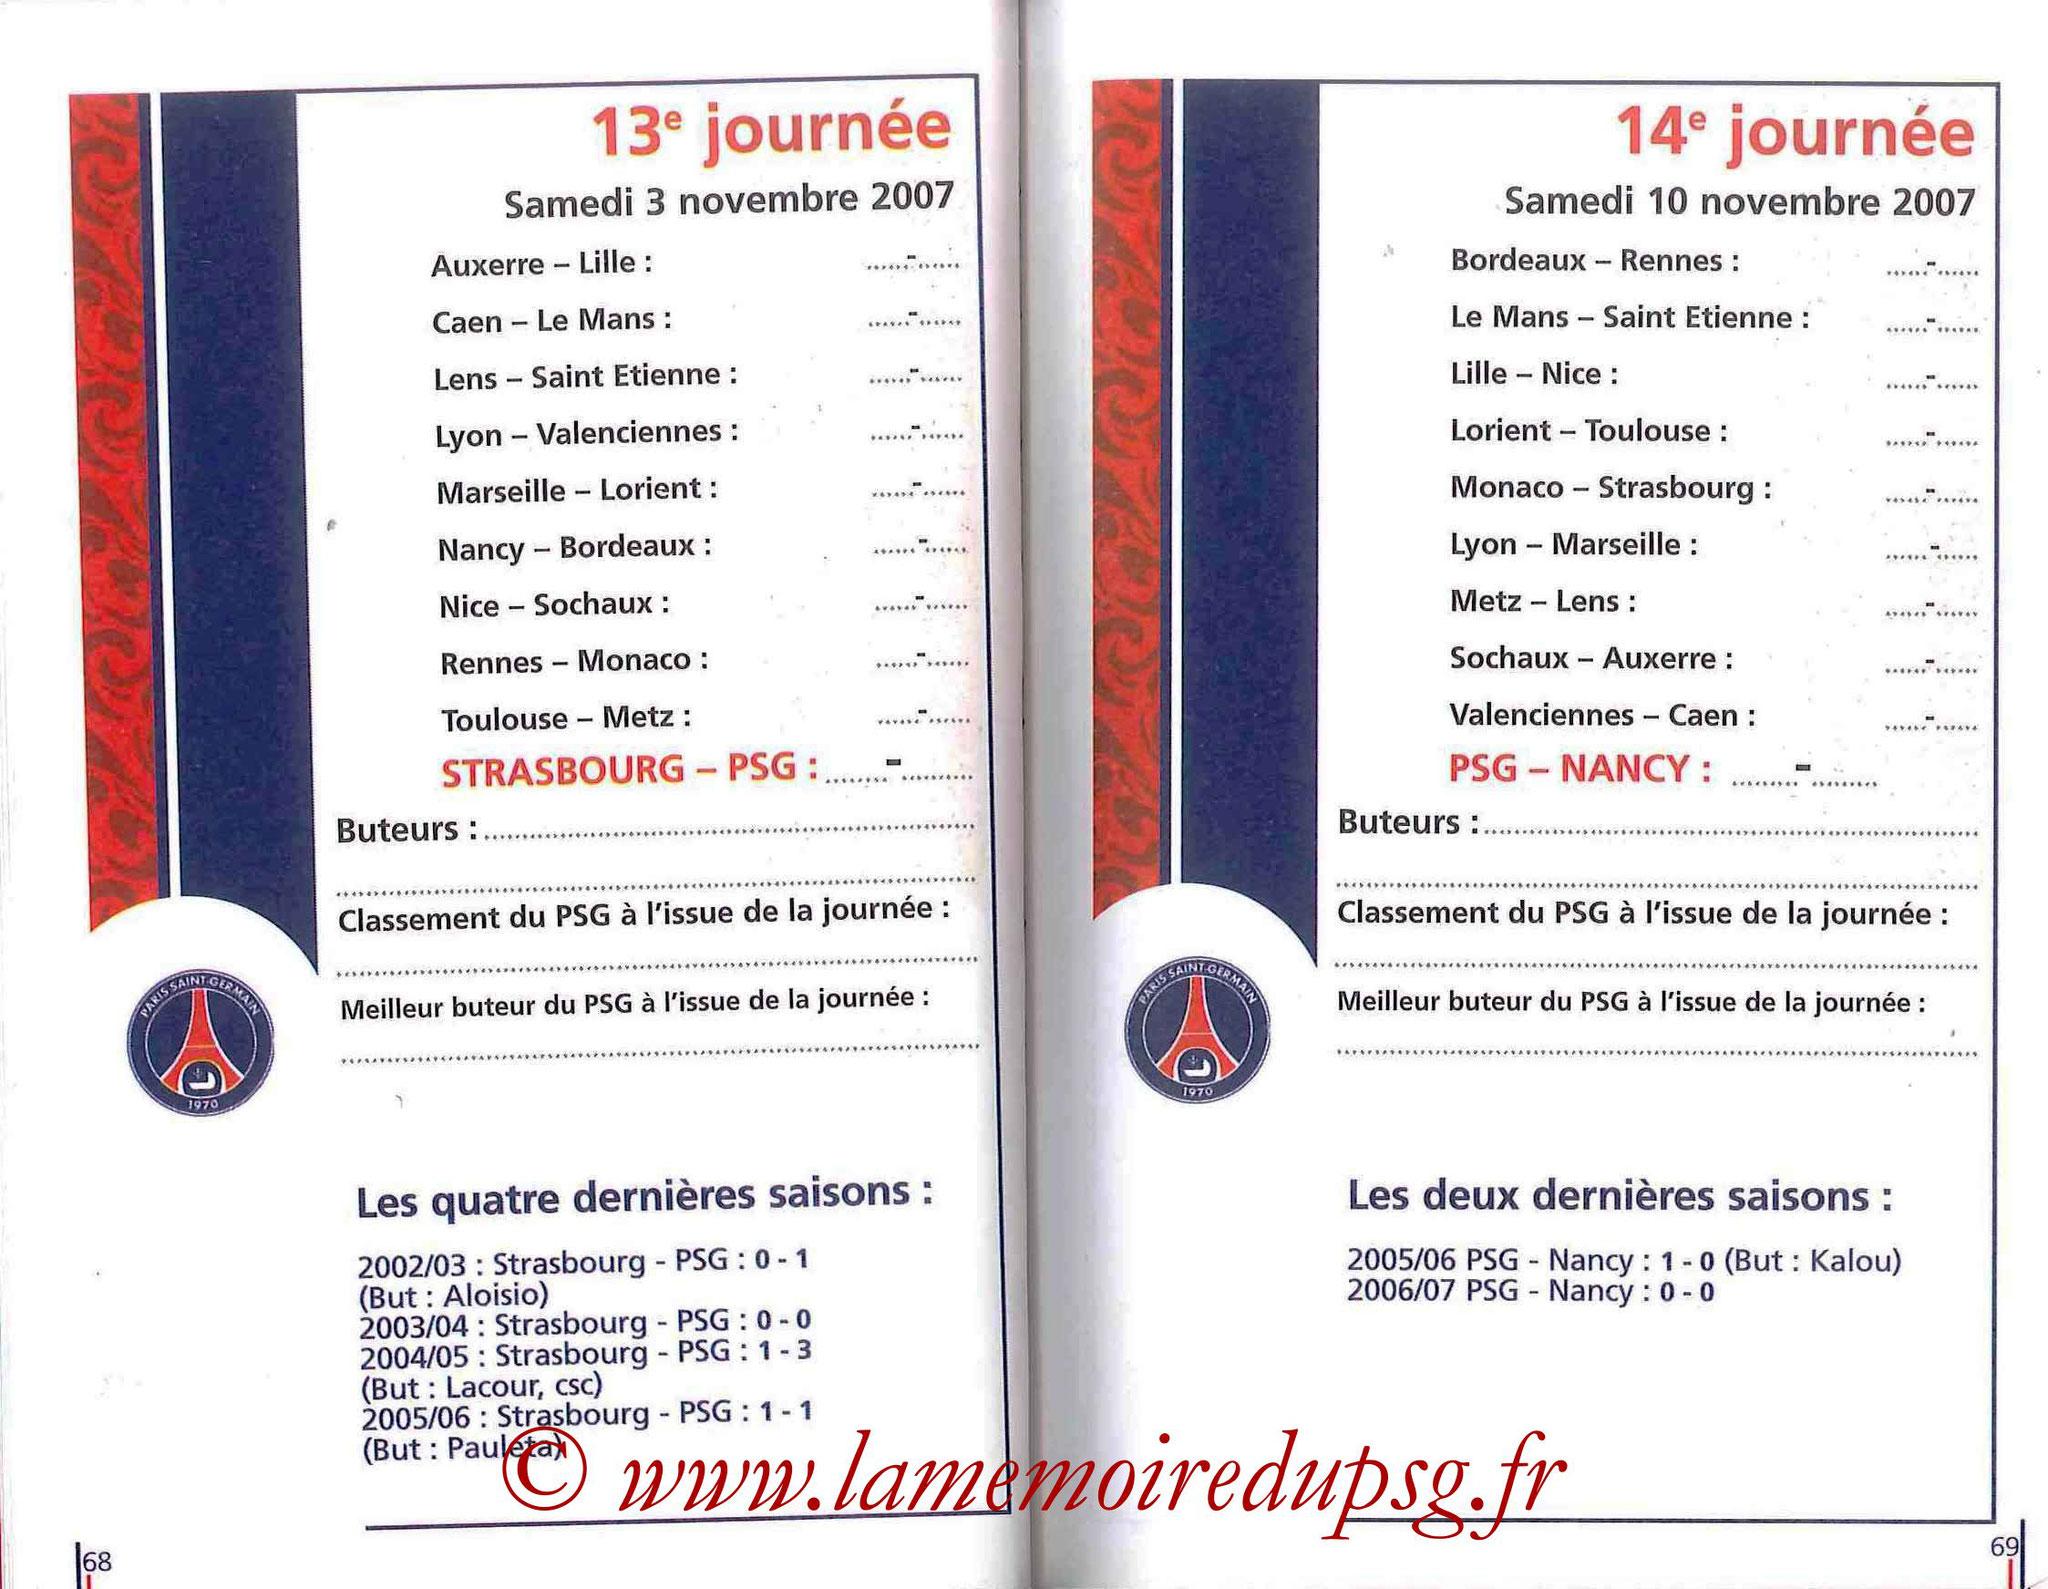 2007-08 - Guide de la Saison PSG - Pages 68 et 69